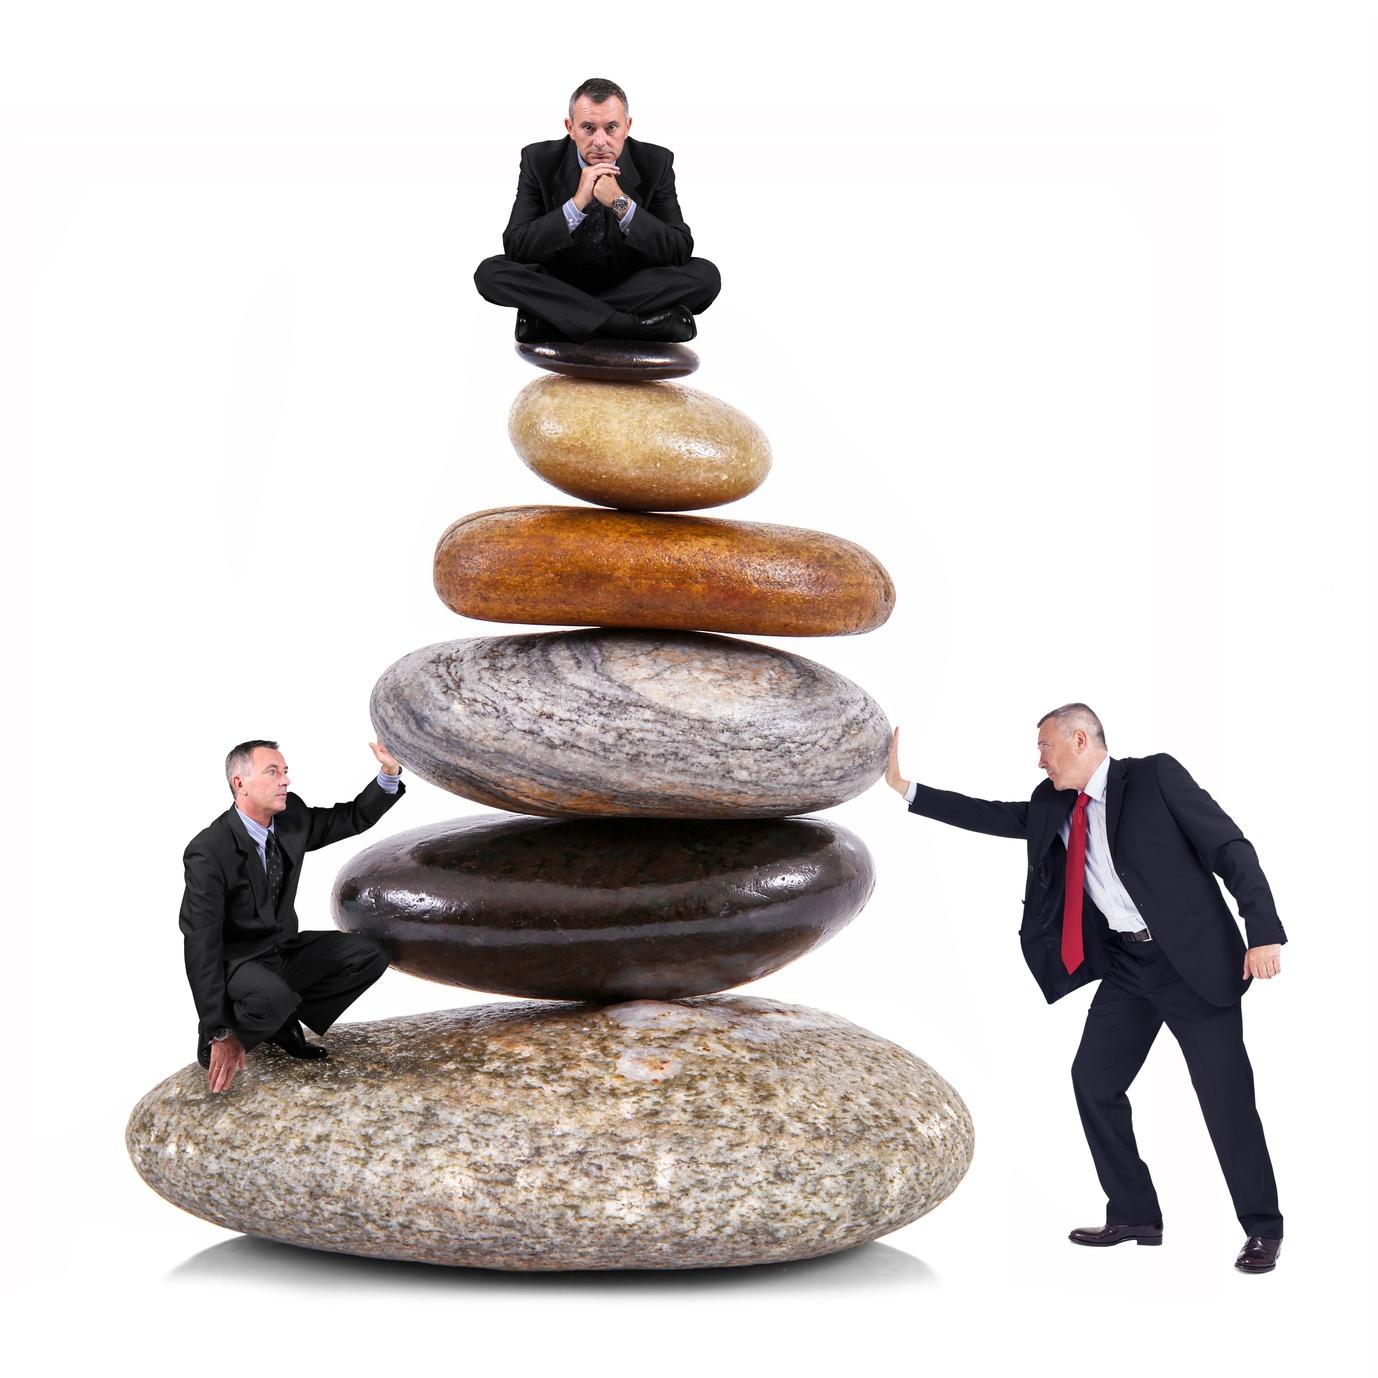 ממשבר לצמיחה – באמצעות שינוי מבני ומיתוג